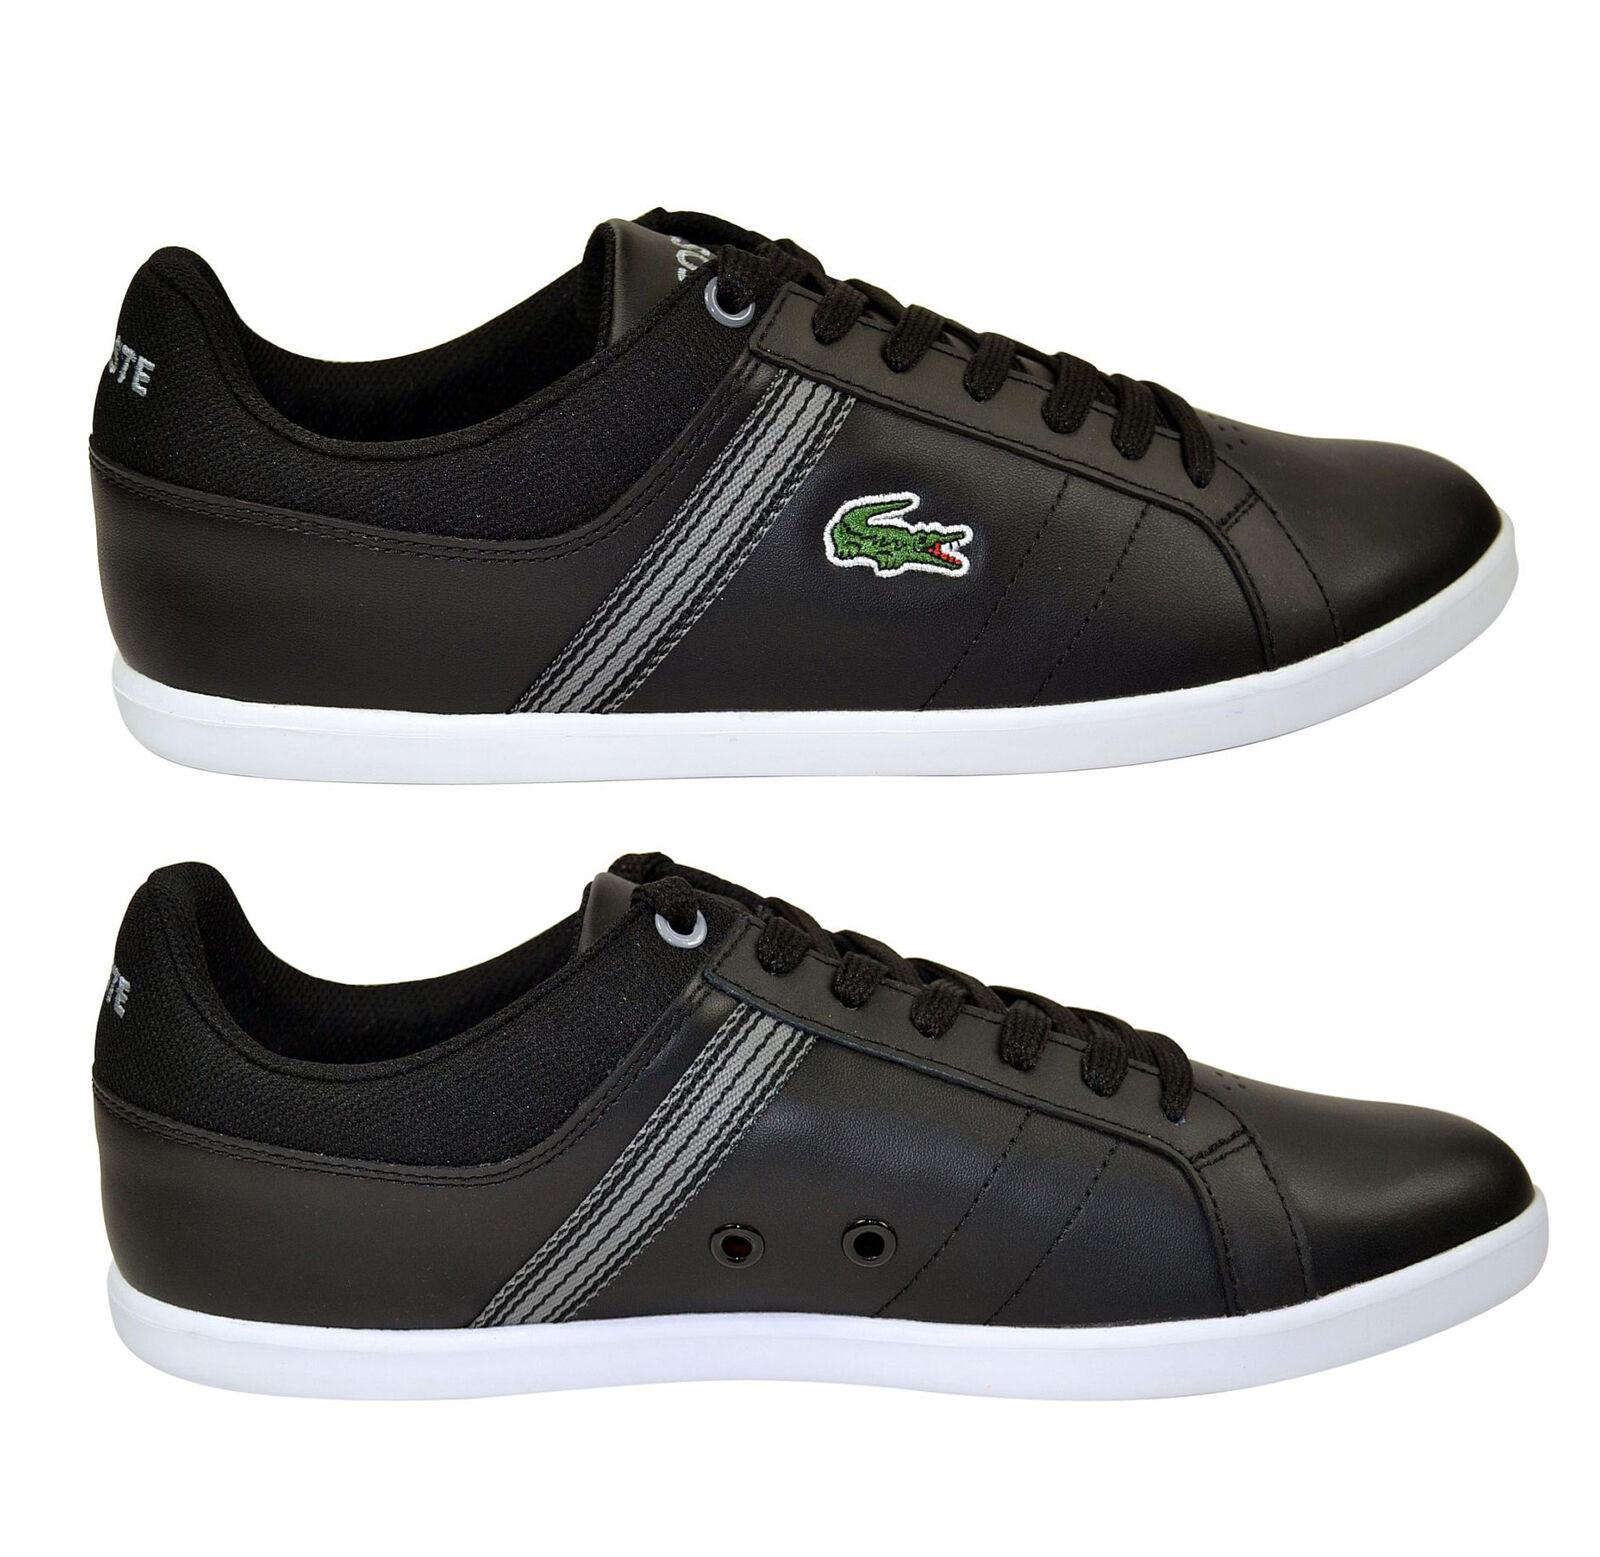 Lacoste Evershot CRE SPM schwarz Schuhe Turnschuhe schwarz Größenauswahl    | Der Schatz des Kindes, unser Glück